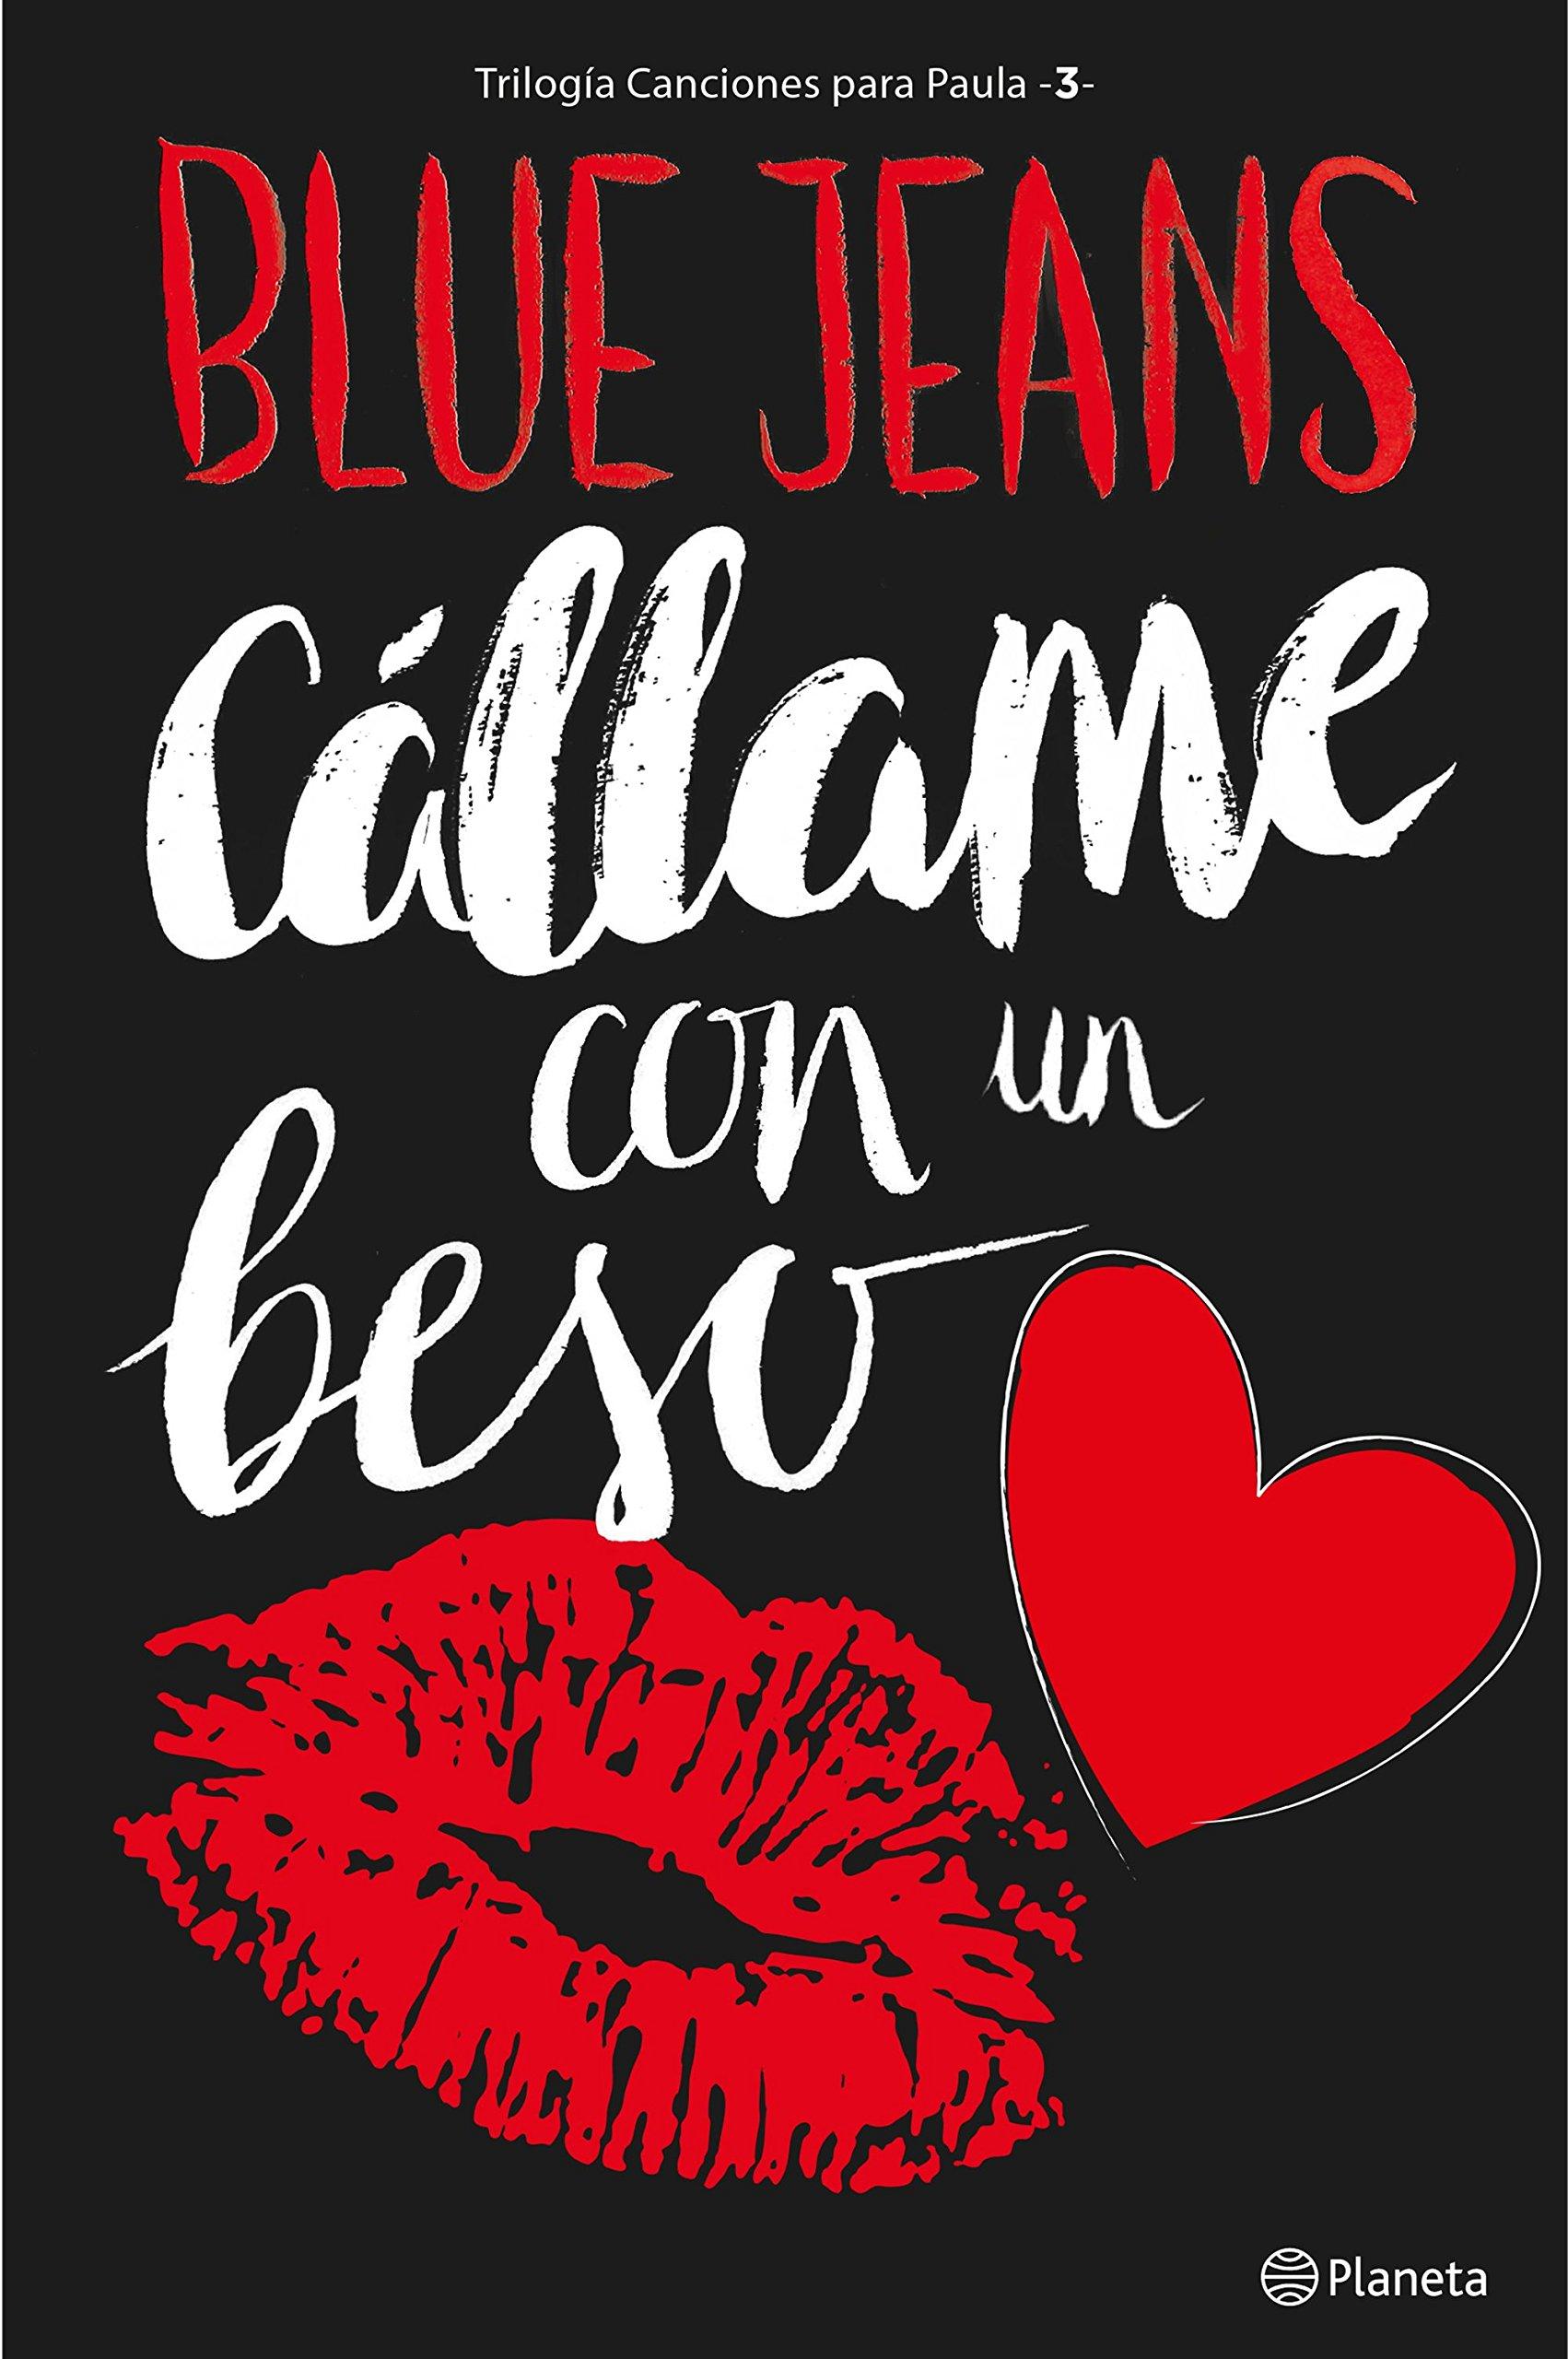 Cállame con un beso Trilogía Canciones para Paula 3 Fuera de colección: Amazon.es: Blue Jeans: Libros